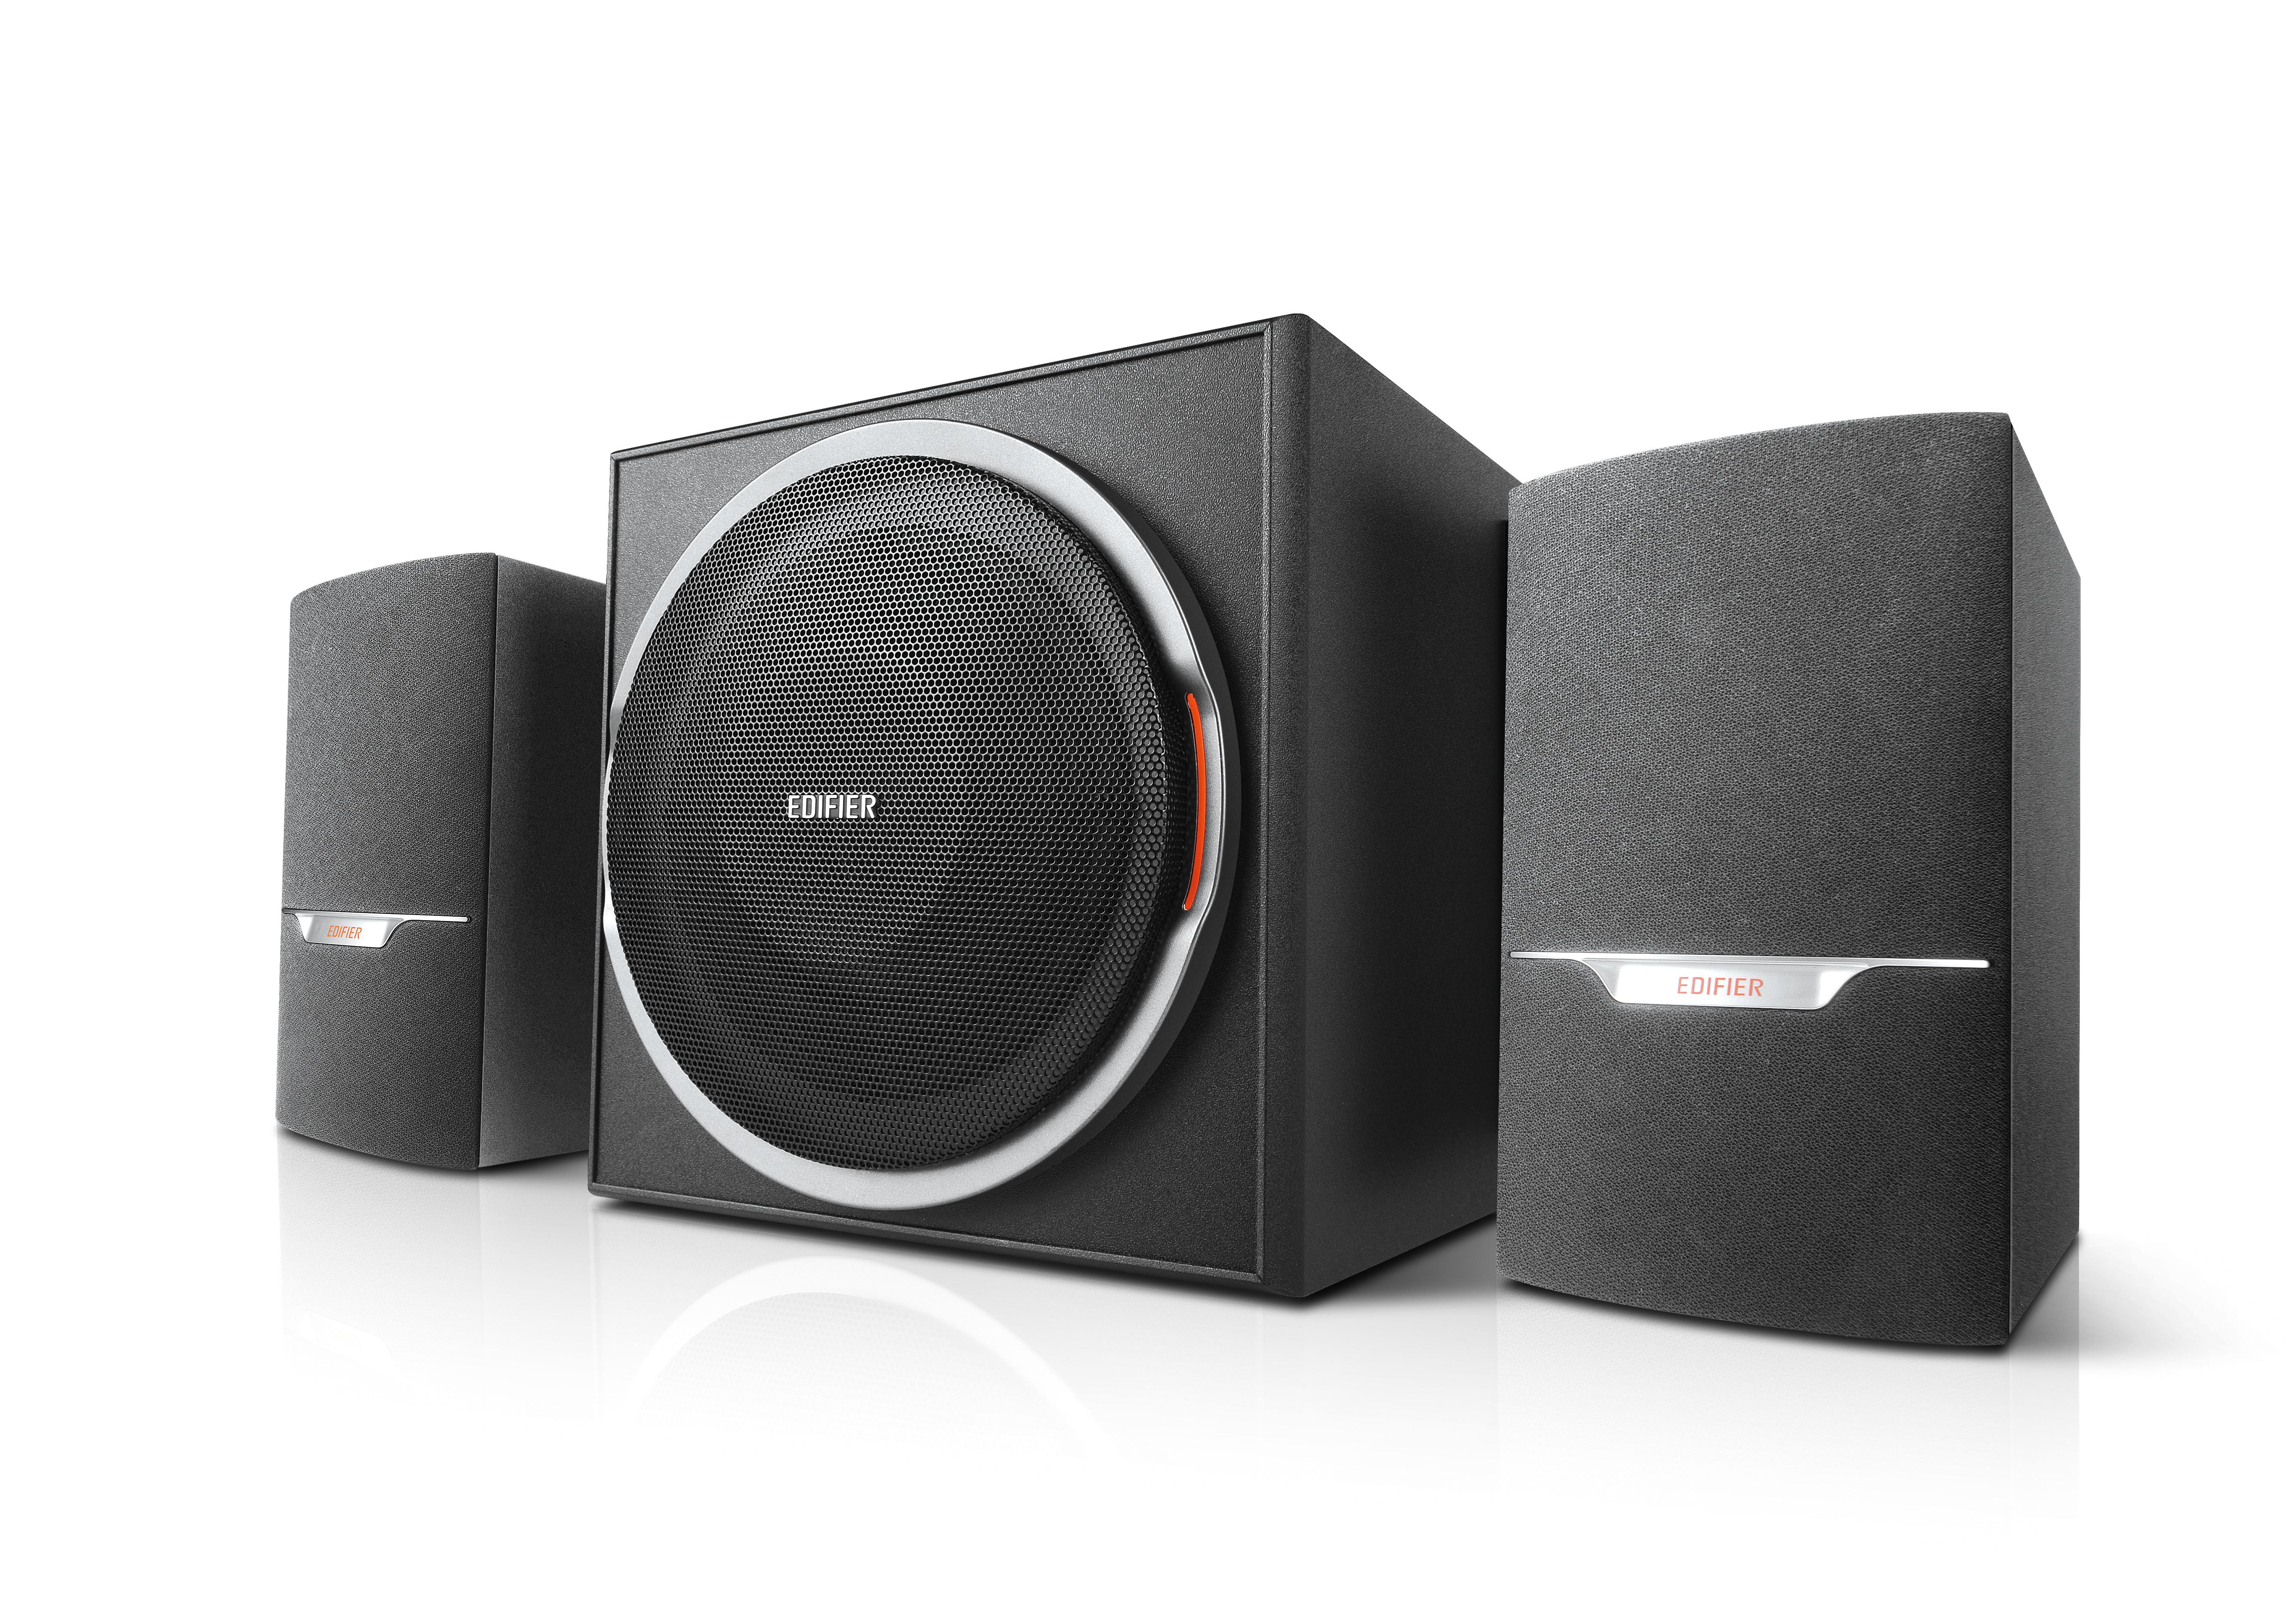 Edifier XM3BT Speaker System